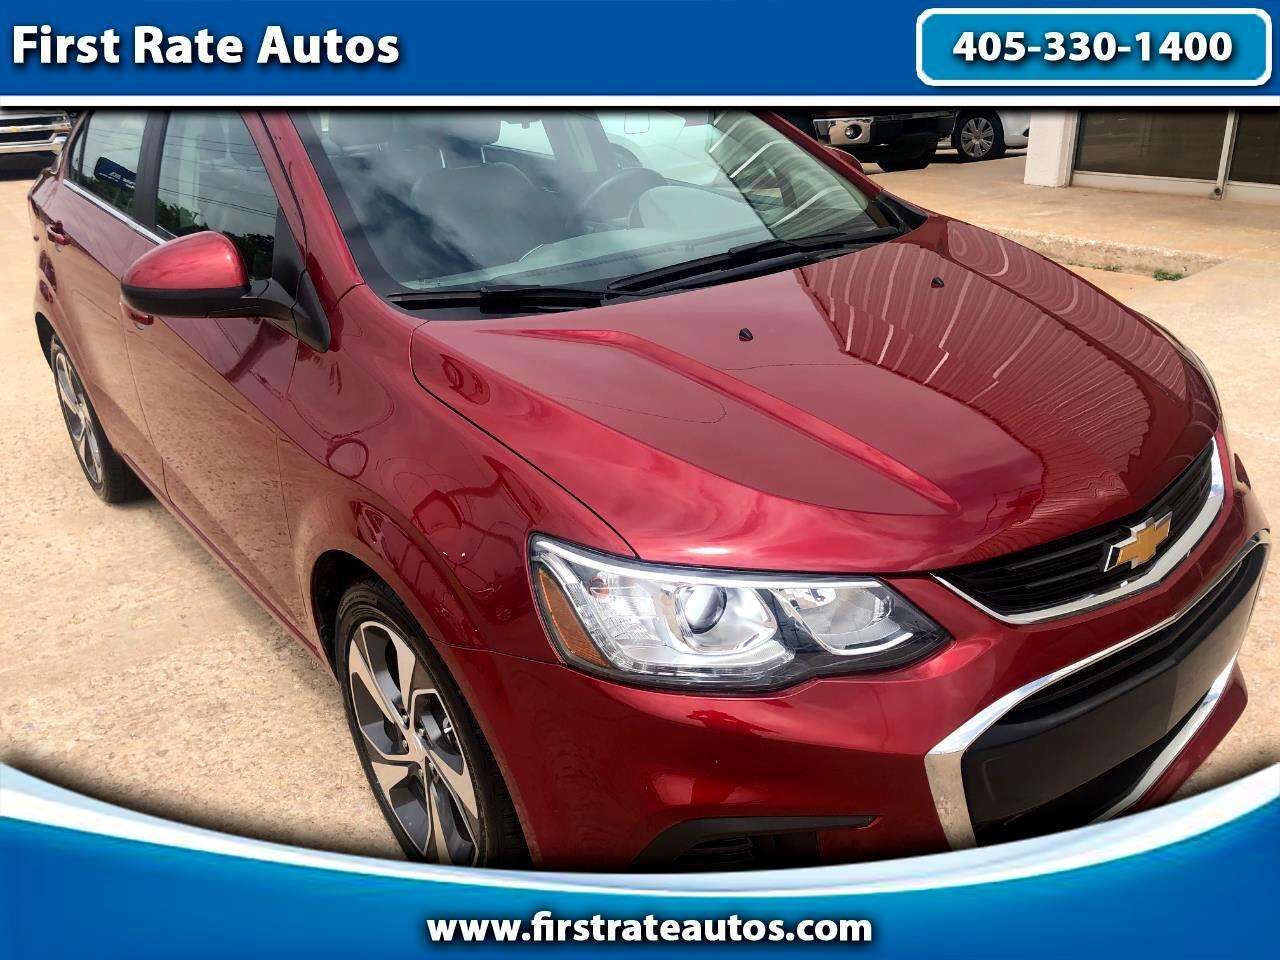 2019 Chevrolet Sonic 4dr Sdn Auto Premier